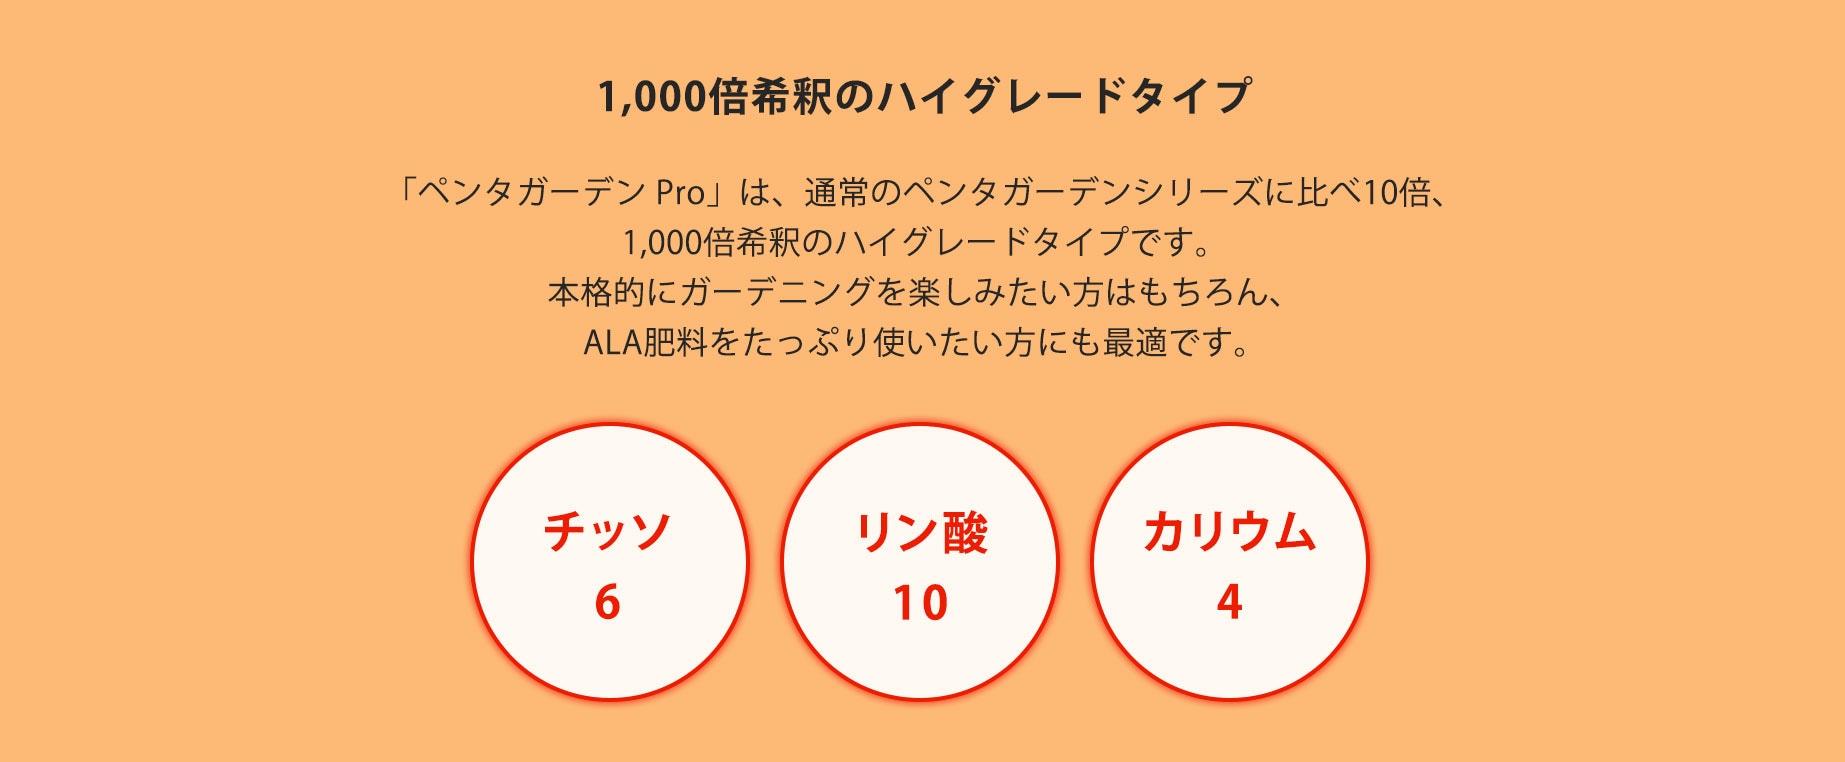 「ペンタガーデン Pro」は、通常のペンタガーデンシリーズに比べ10倍、1,000倍希釈のハイグレードタイプです。本格的にガーデニングを楽しみたい方はもちろん、ALA肥料をたっぷり使いたい方にも最適です。